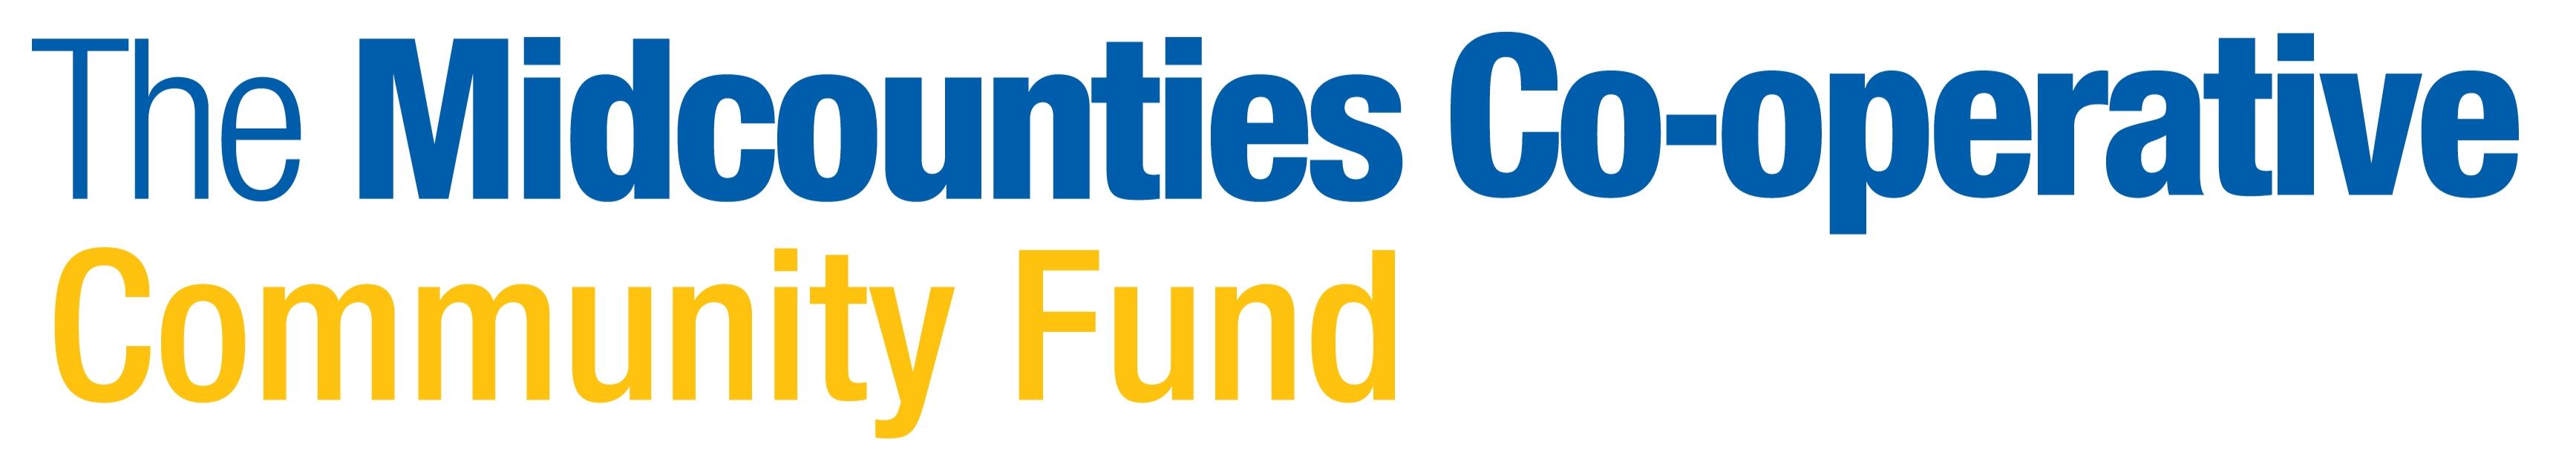 Coop Community Fund